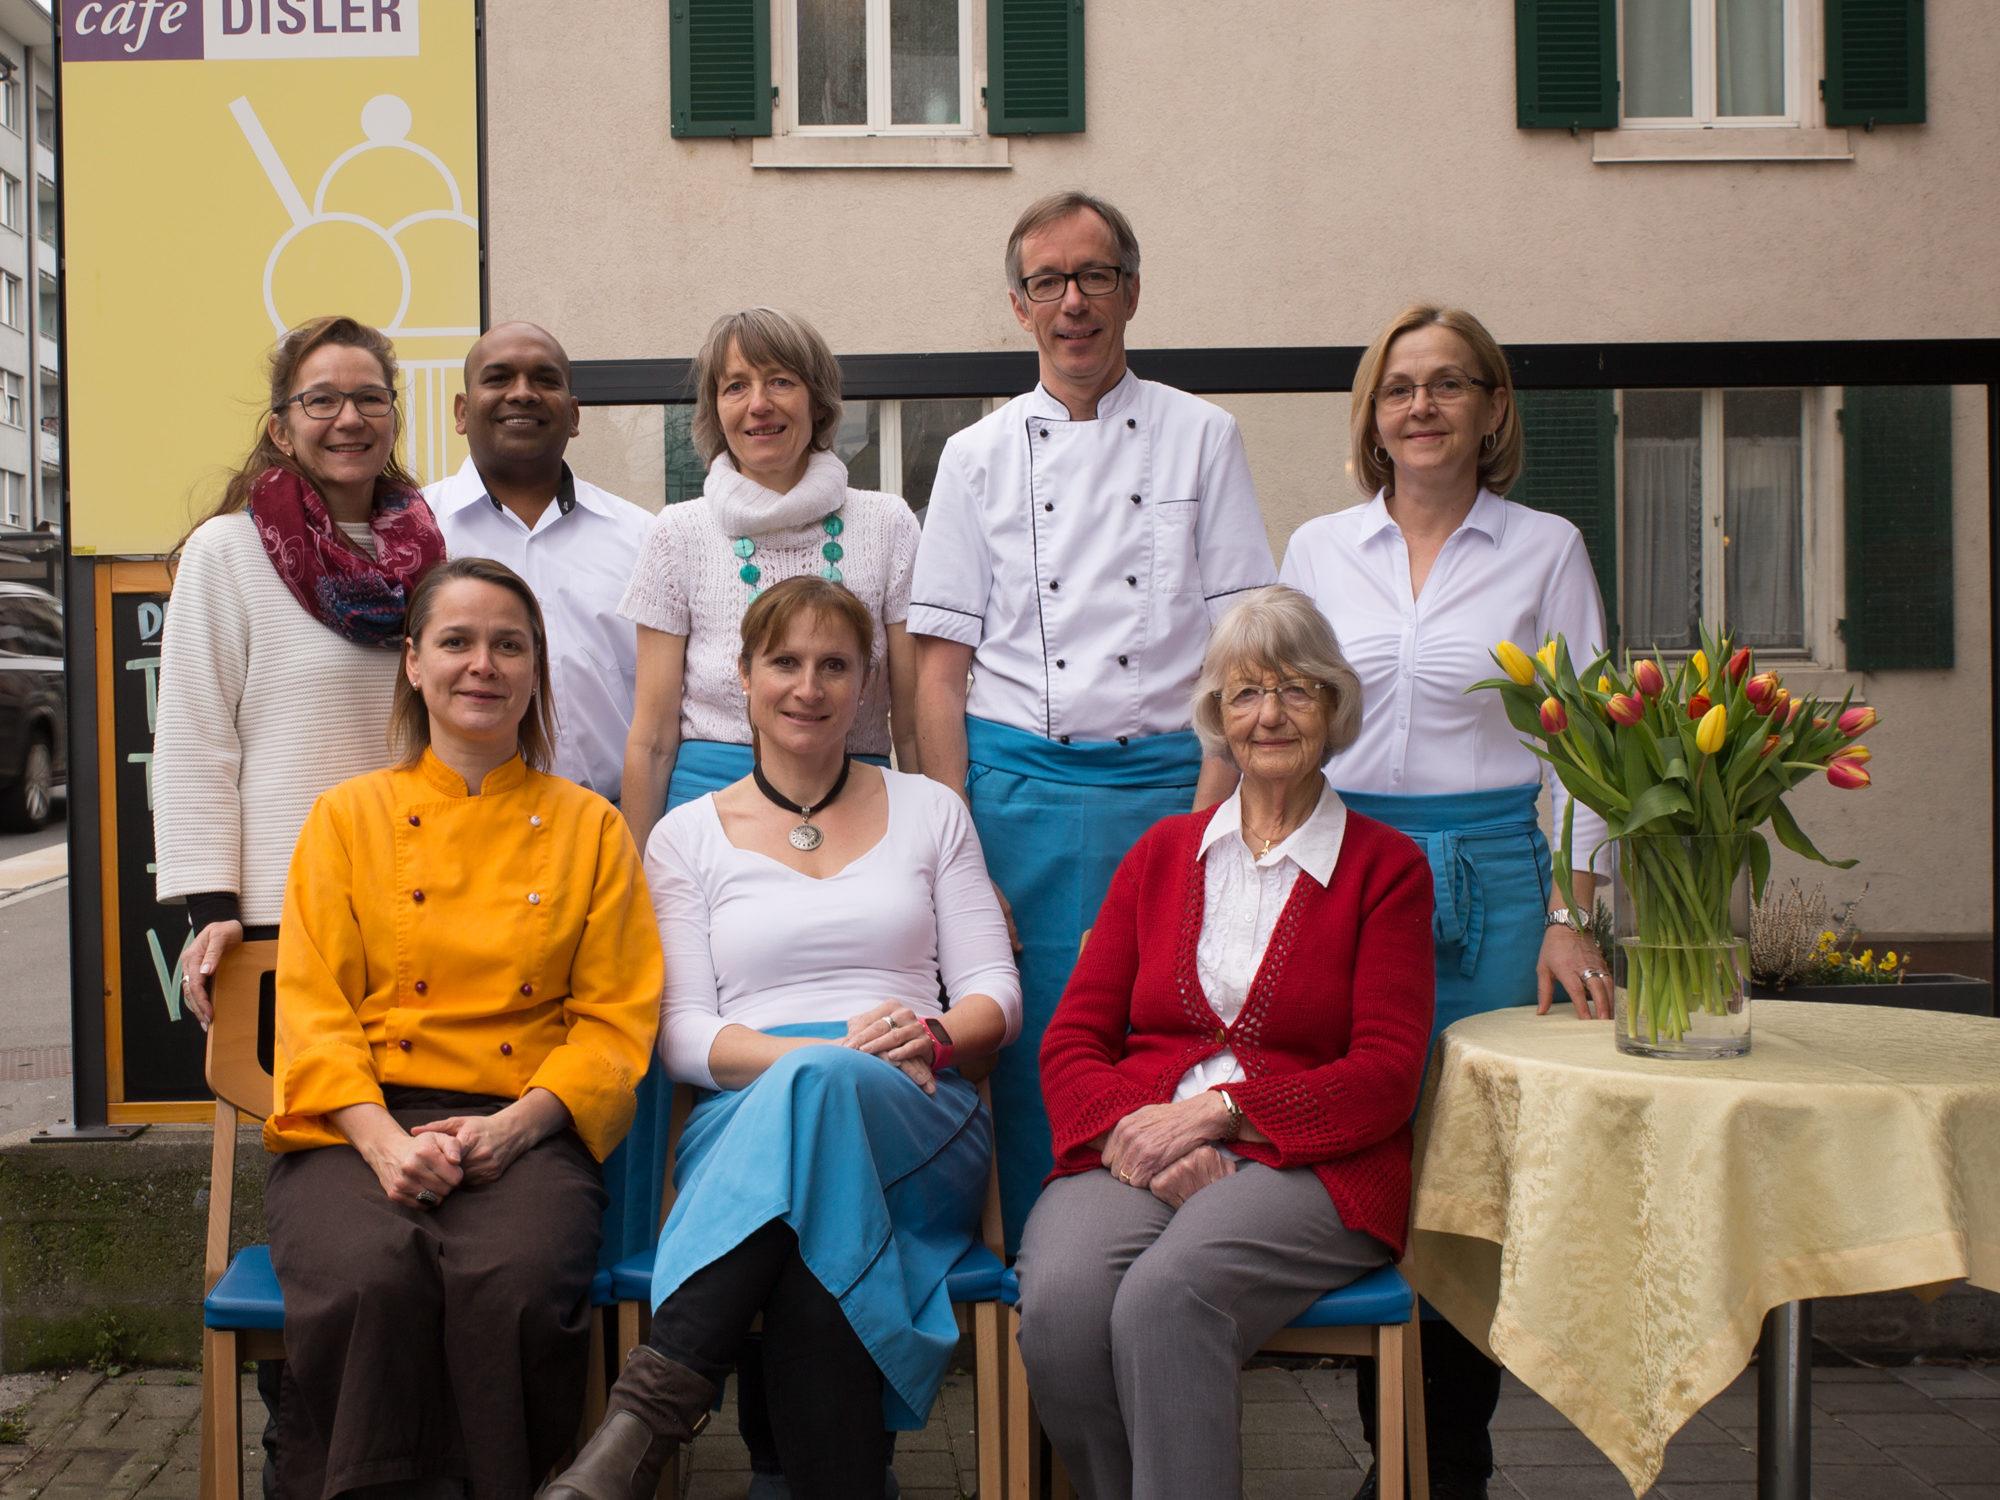 Matthias Disler und Team